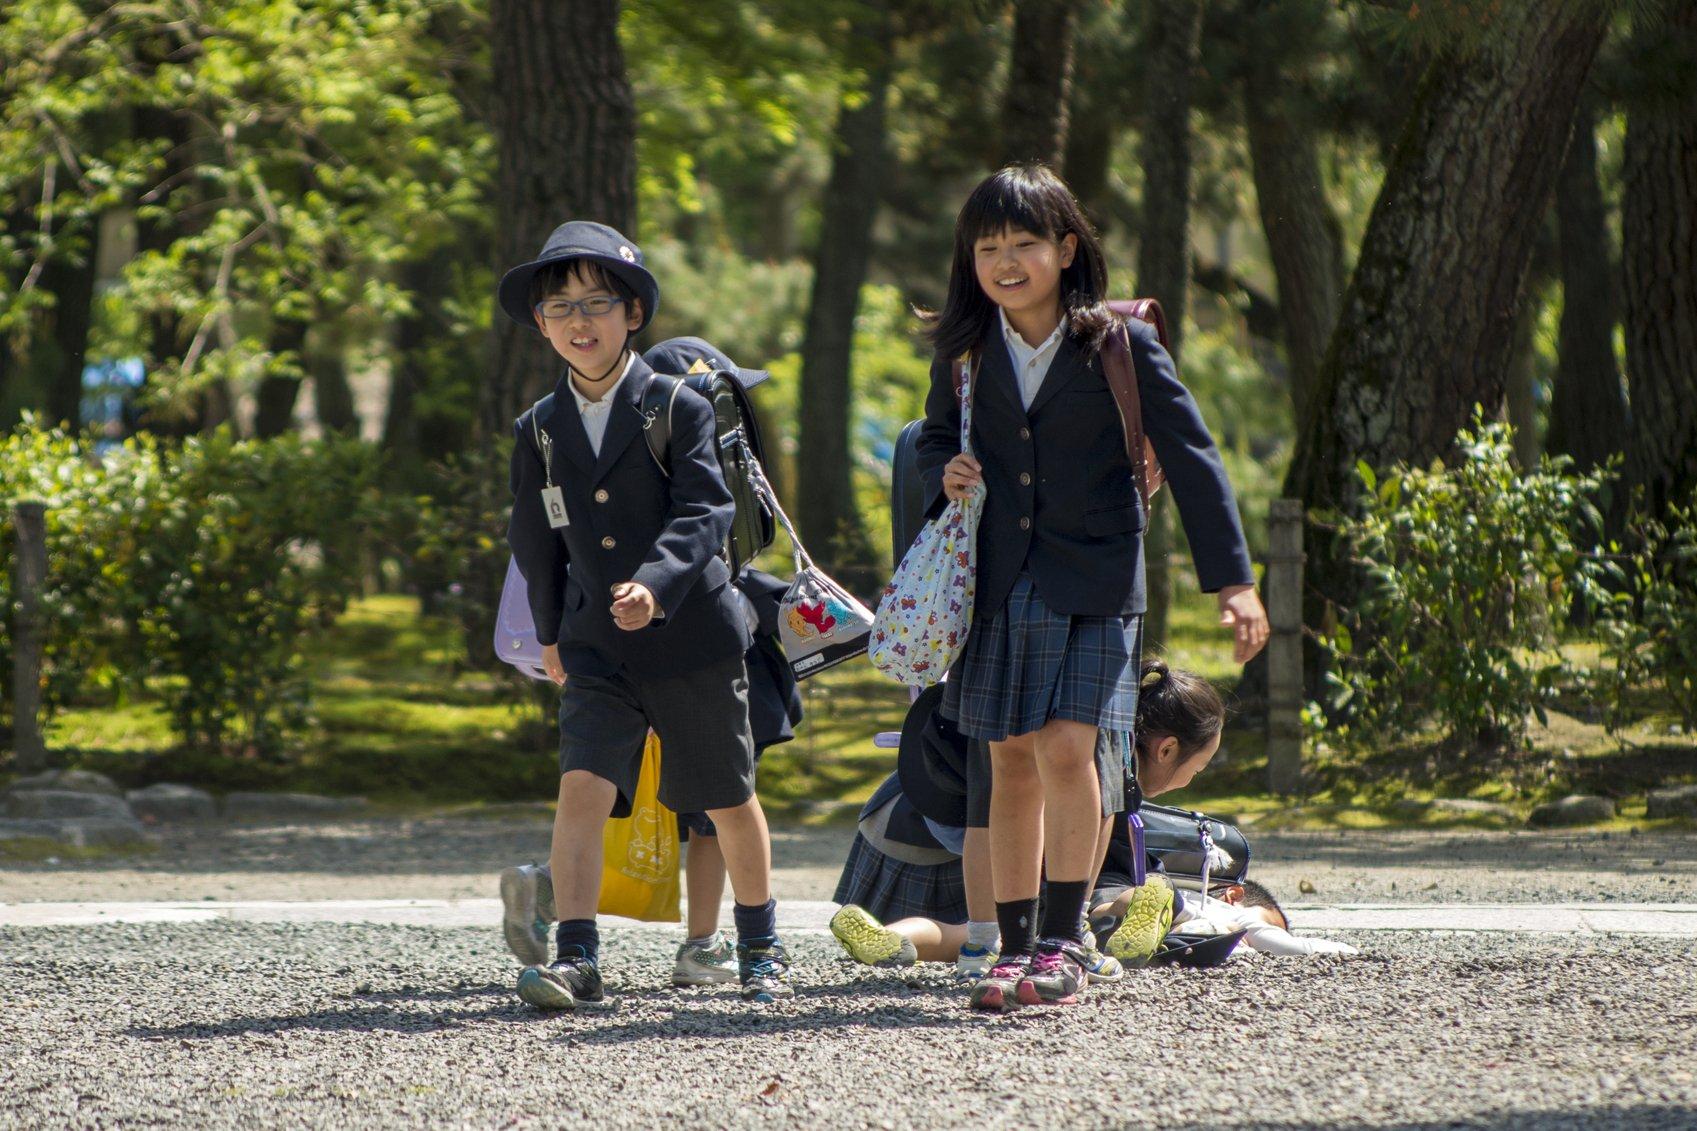 iStock 93406257 MEDIUM - Razones por la que los niños japoneses no hacen tantos berrinches y son más obedientes con los mayores